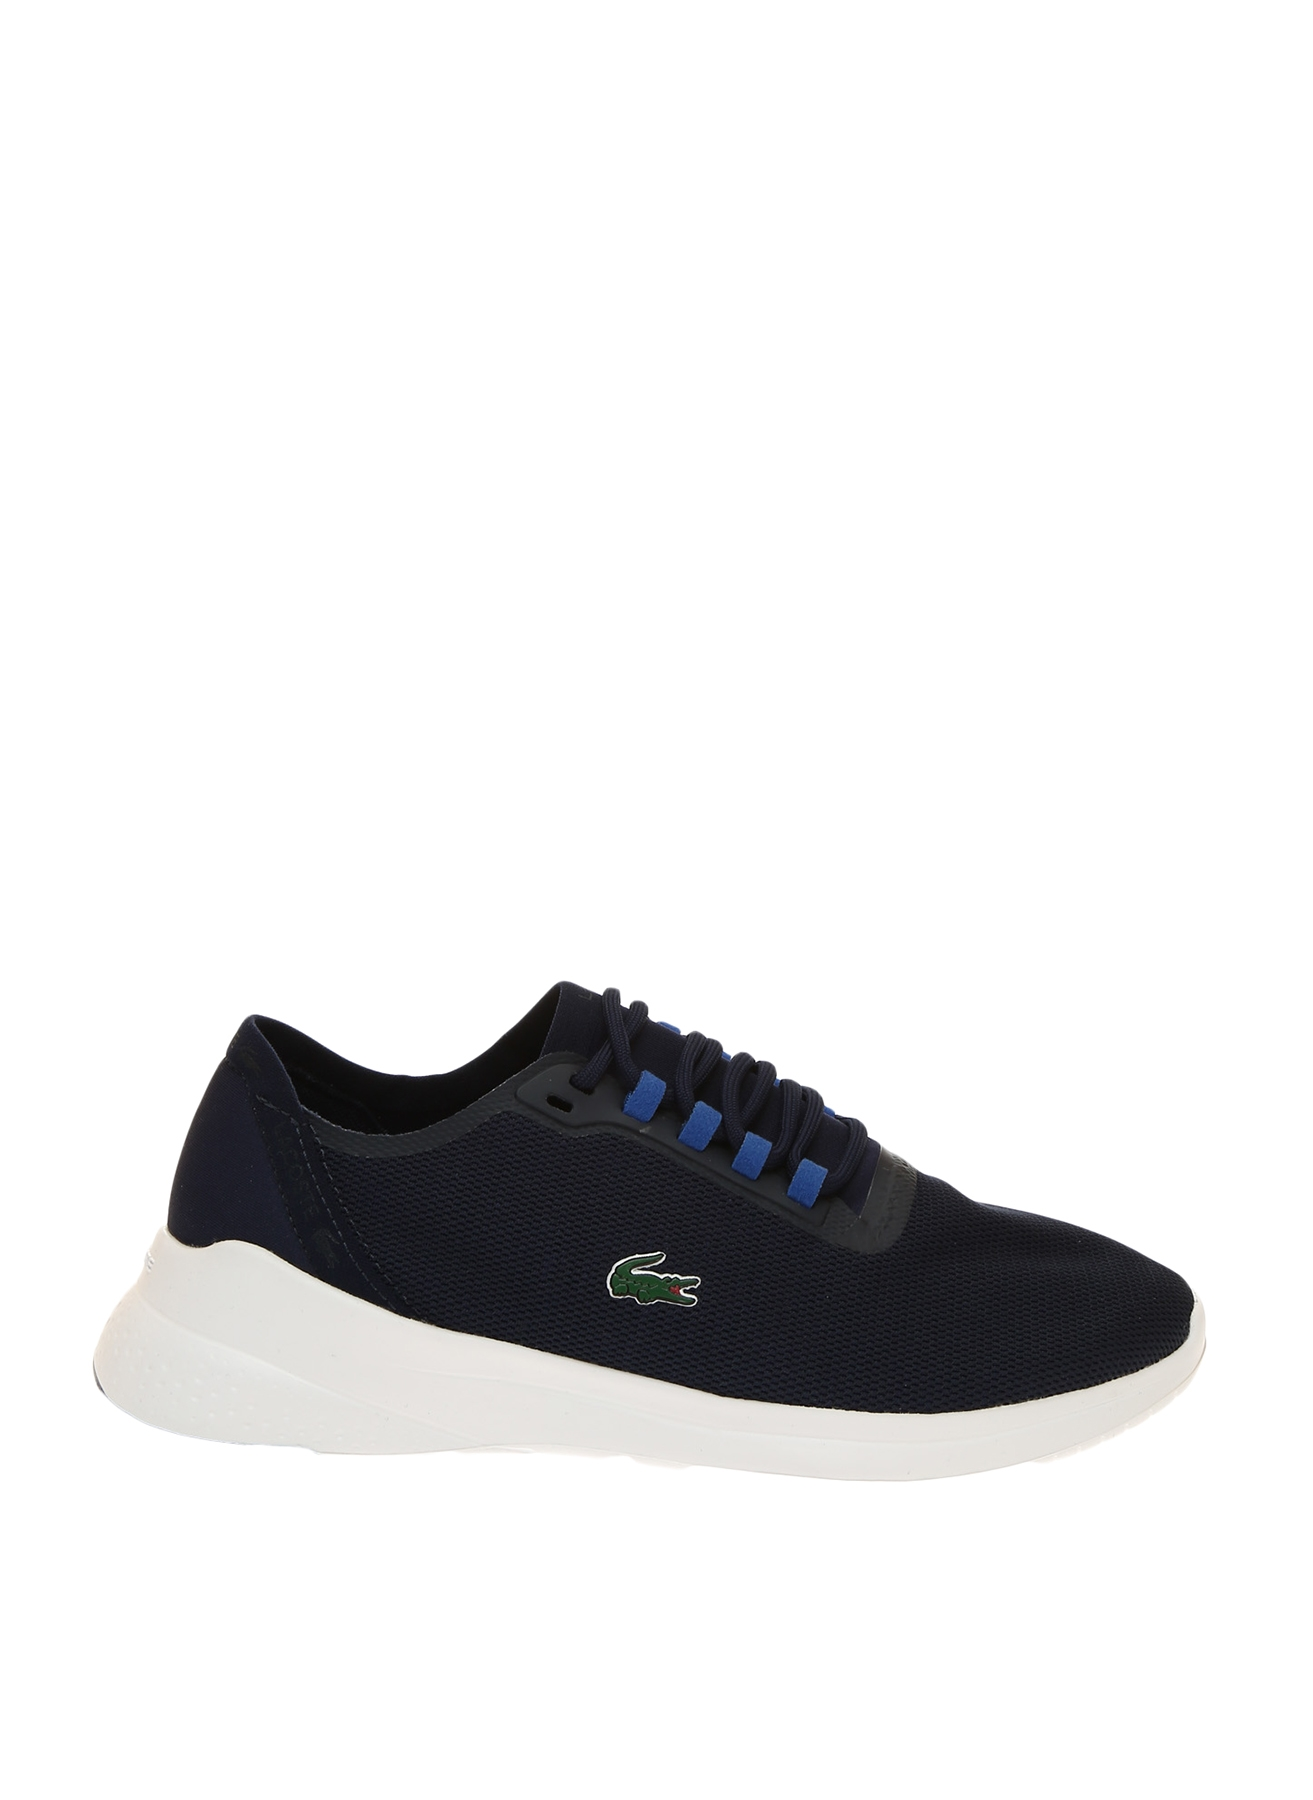 Lacoste Düz Ayakkabı 39 5000203479004 Ürün Resmi